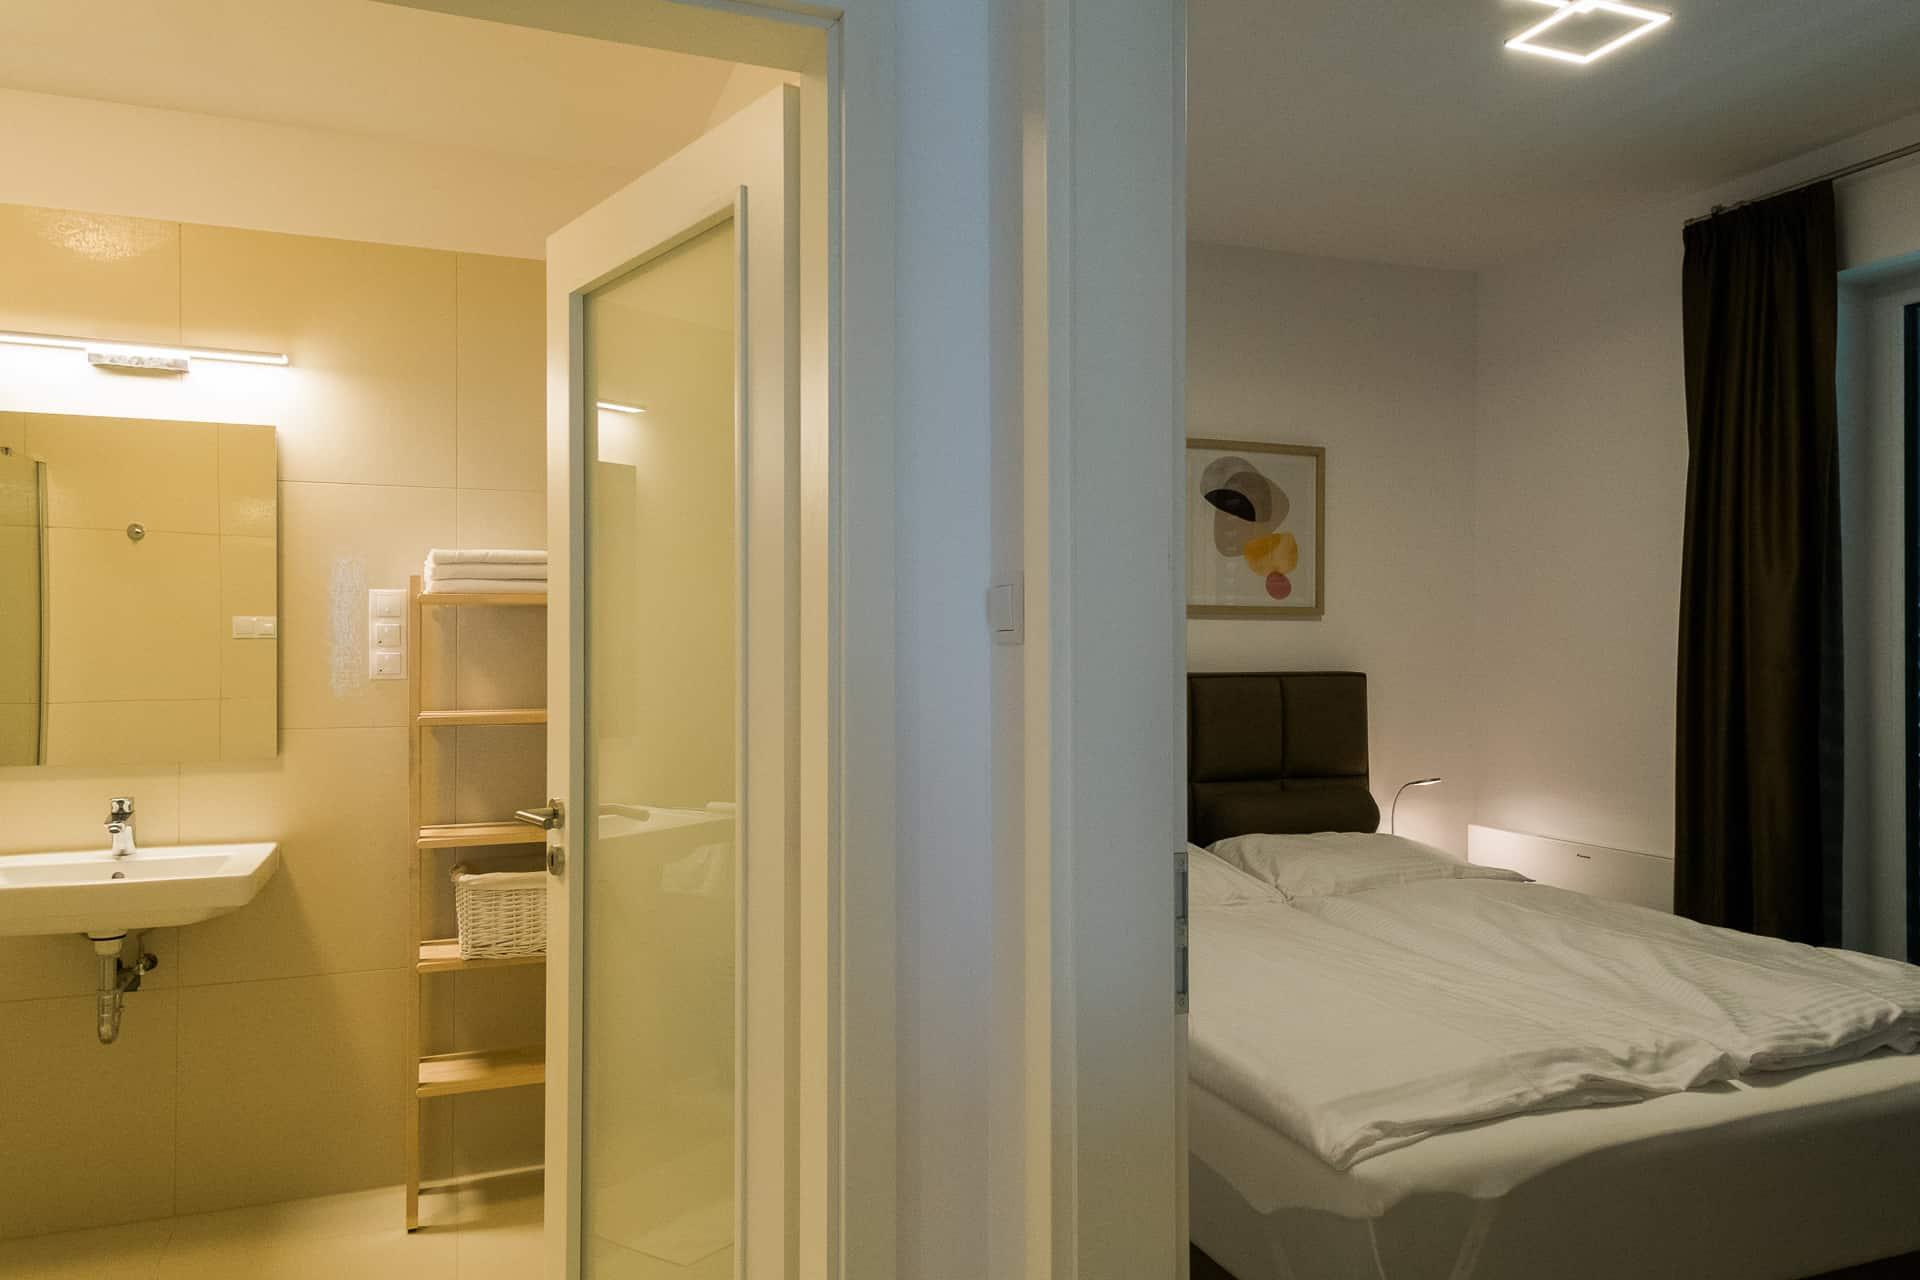 Vízparti balatoni panorámás Apartmanok Keszthely - fürdőszoba és háló.